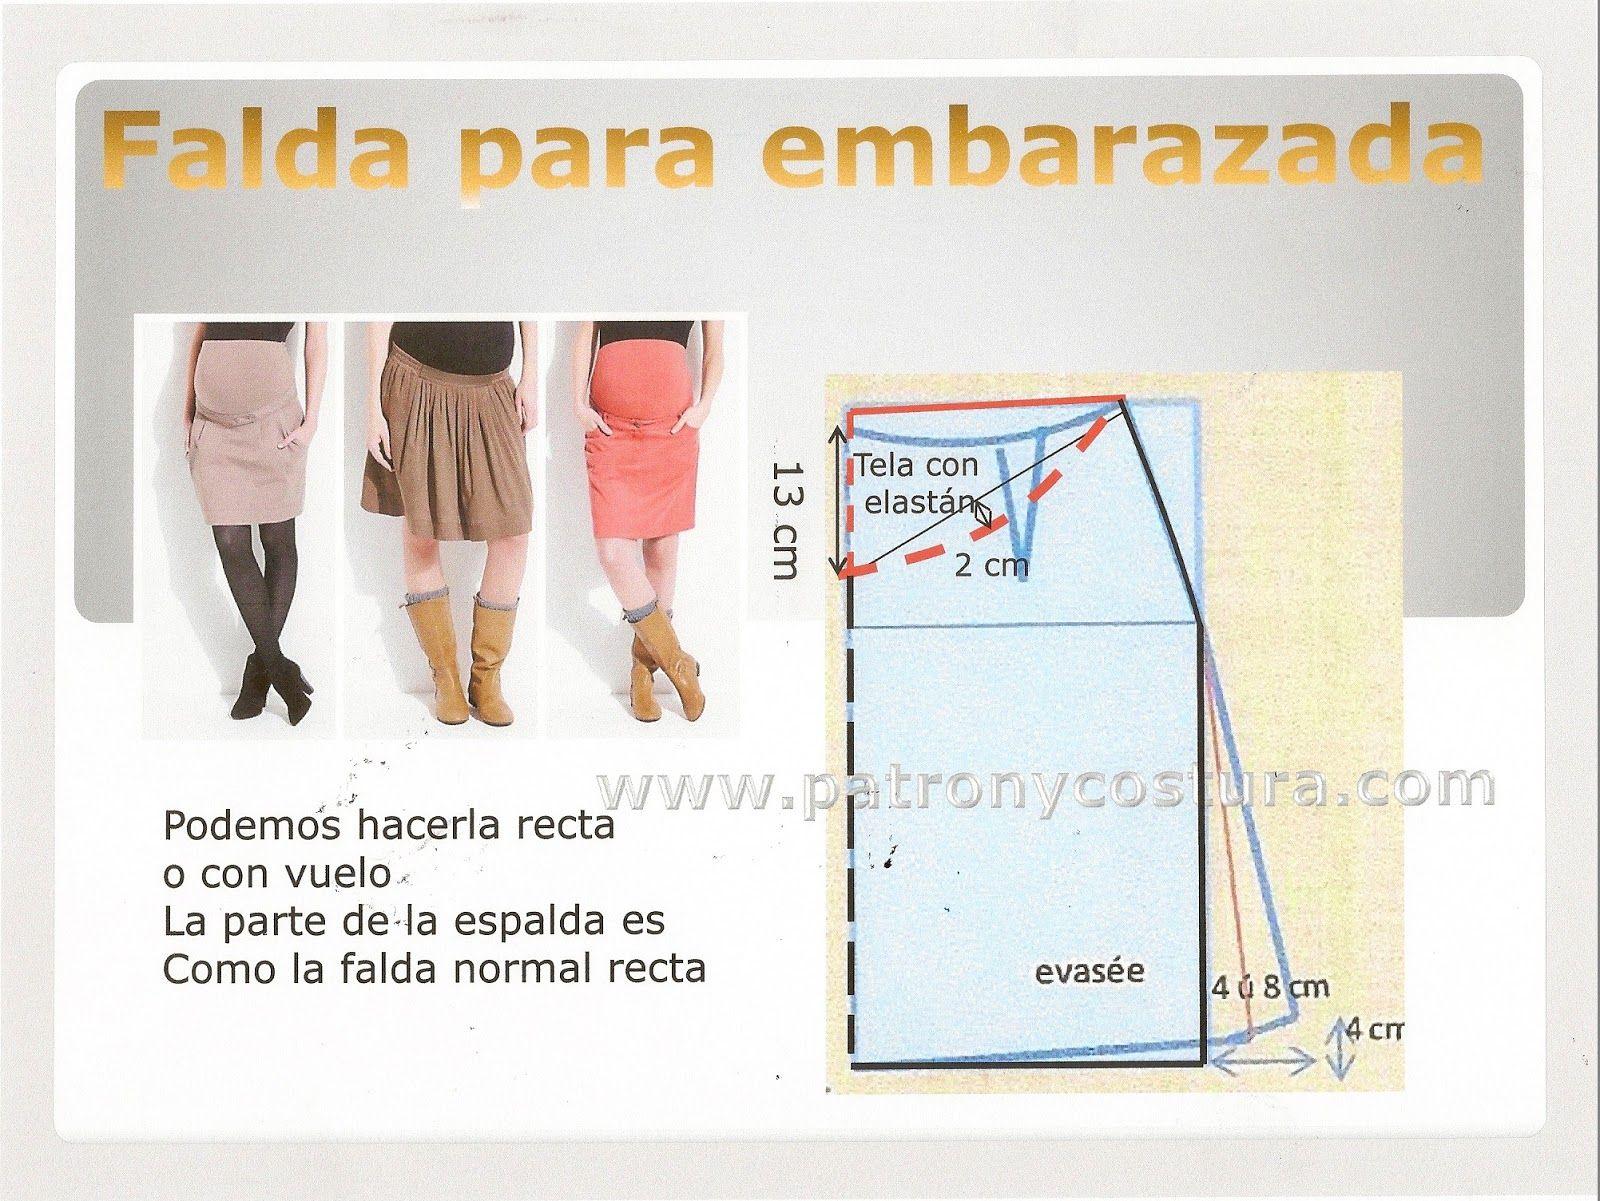 Patrón y costura : falda de embarazada. Tema 128 diy | Patternmaking ...